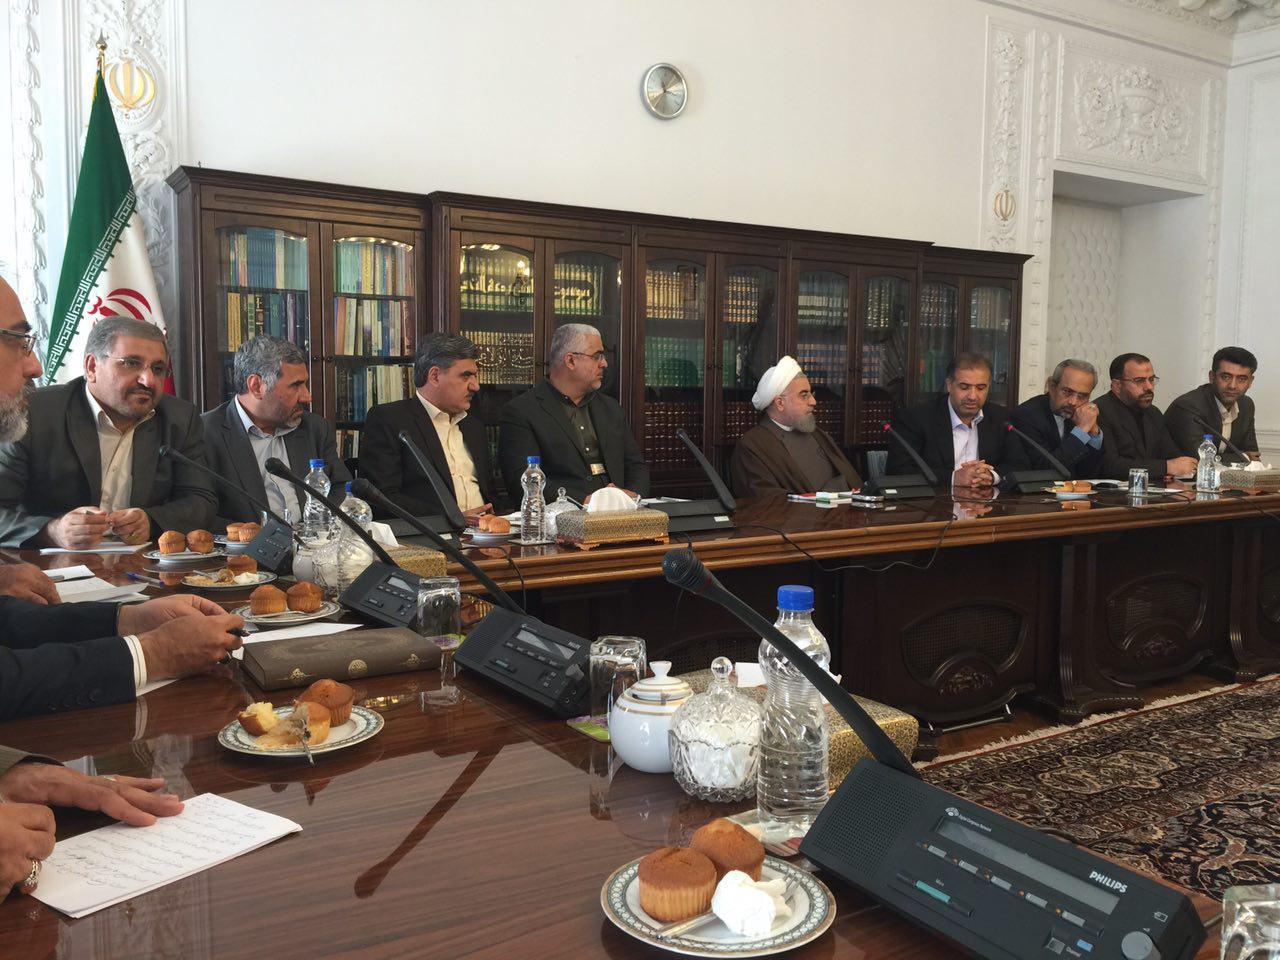 اظهار رضایت روحانی از تعامل دولت و مجلس/ اشتغال؛موضوع جلسه بعدی فراکسیون مستقلین ولایی با رئیس جمهور